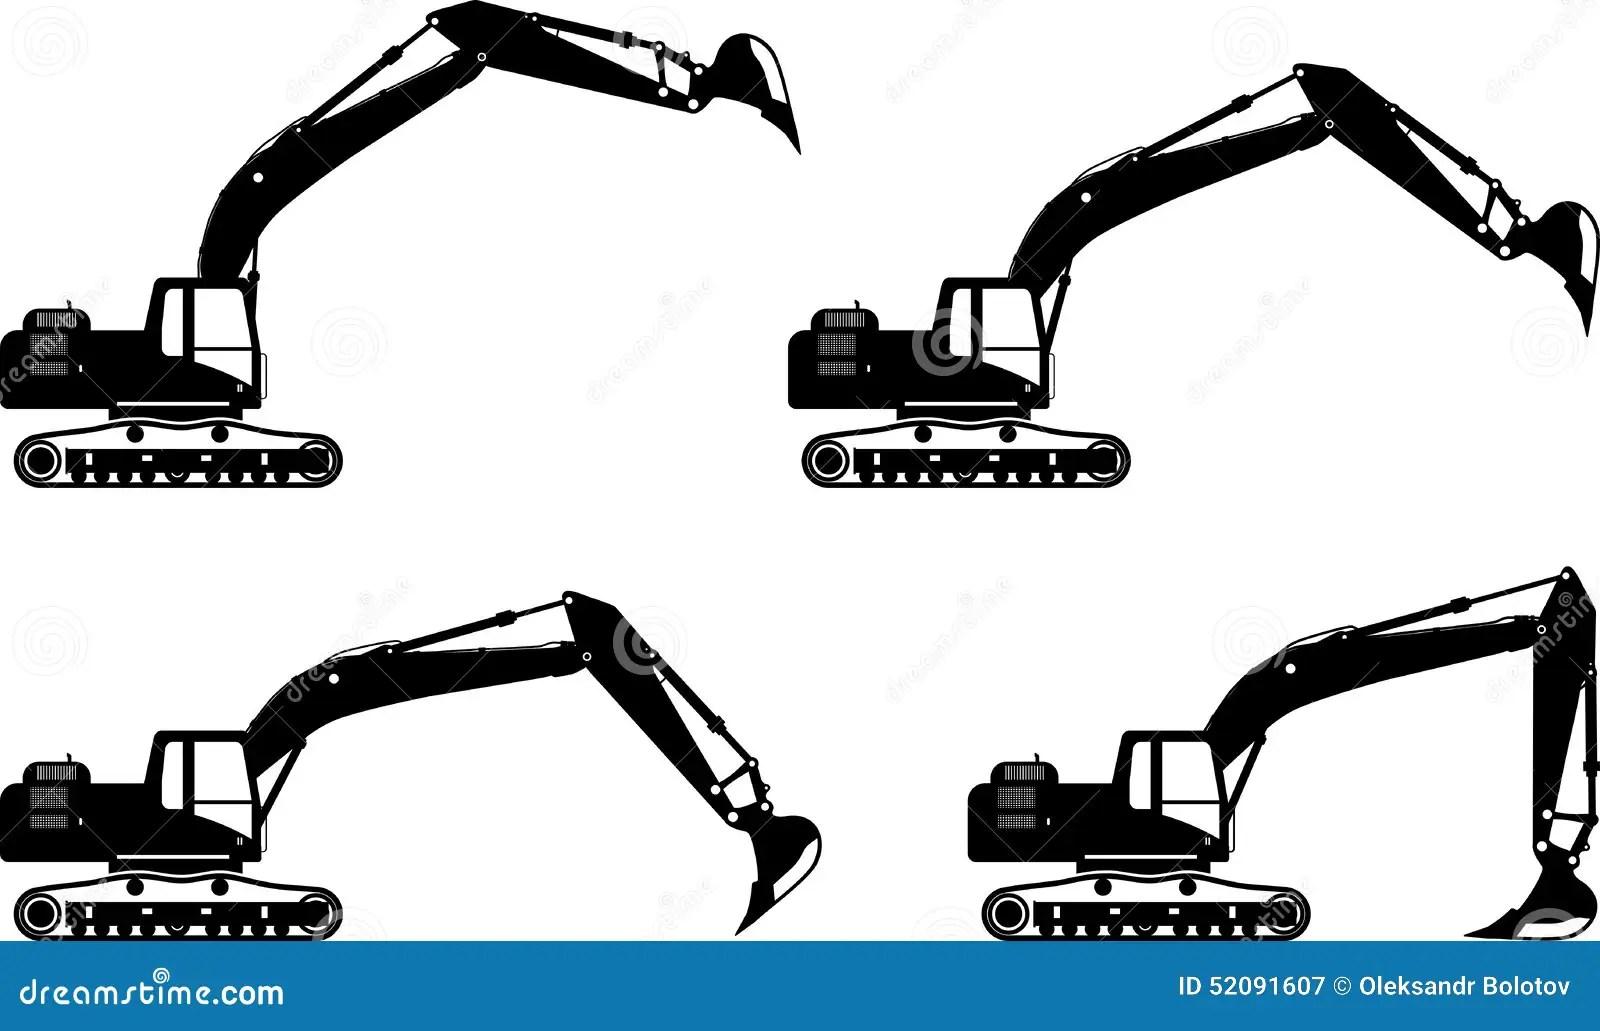 Excavators Heavy Construction Machines Vector Stock Vector